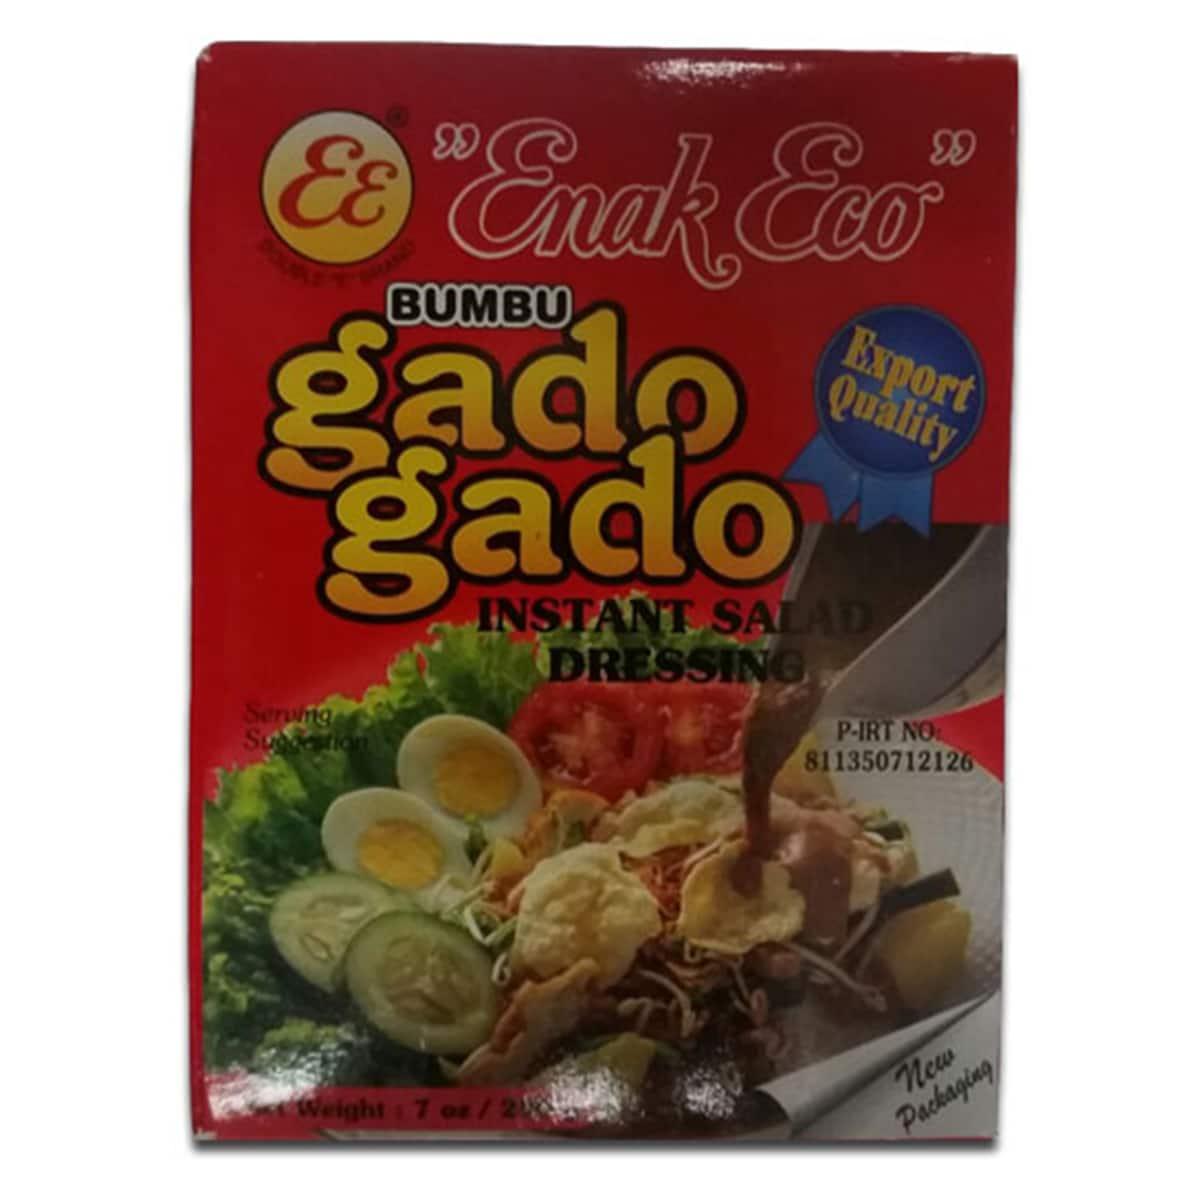 Buy Enak Eco Bumbu Gado Gado (Instant Salad Dressing) - 200 gm